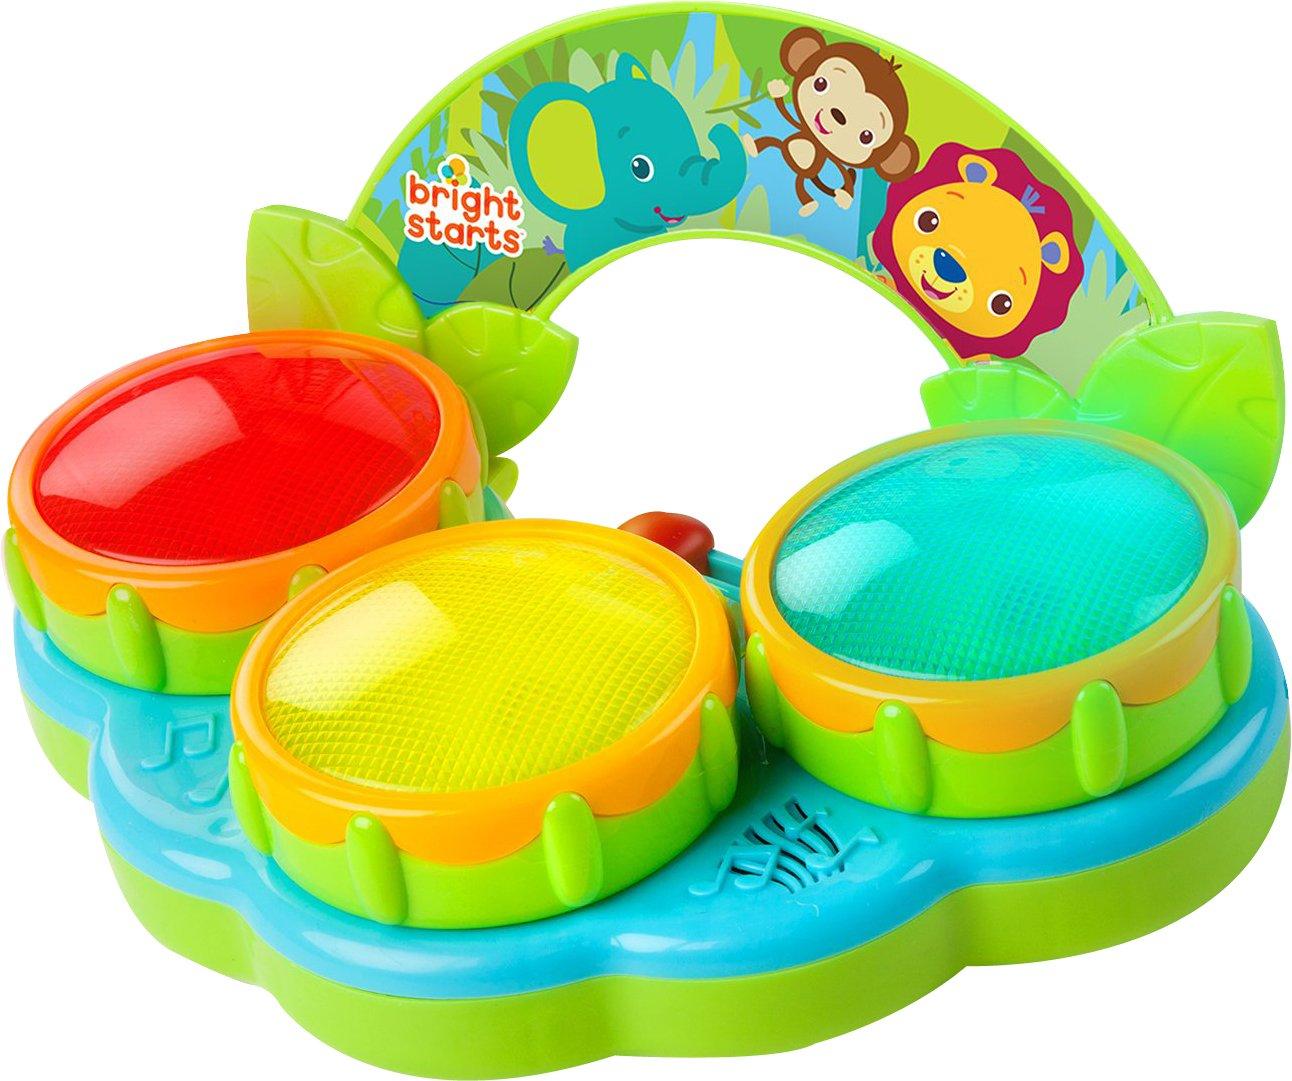 Bright Starts Safari Beats Musical Toy Baby Einstein 52269-6-W11